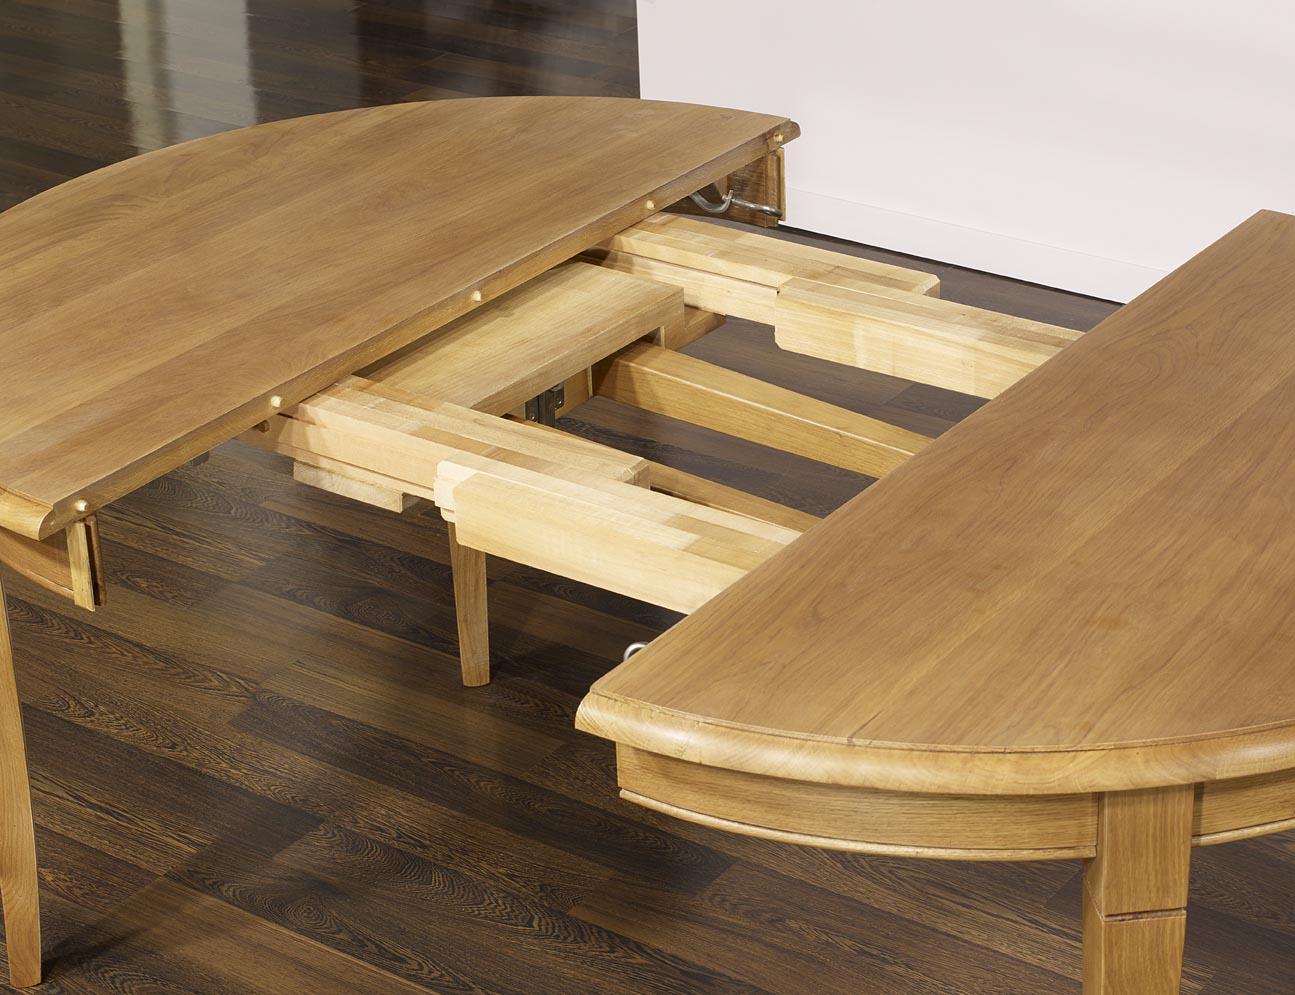 table ronde fabien realisee en chene massif de style louis philippe diametre 110 avec 4 allonges de 40 cm